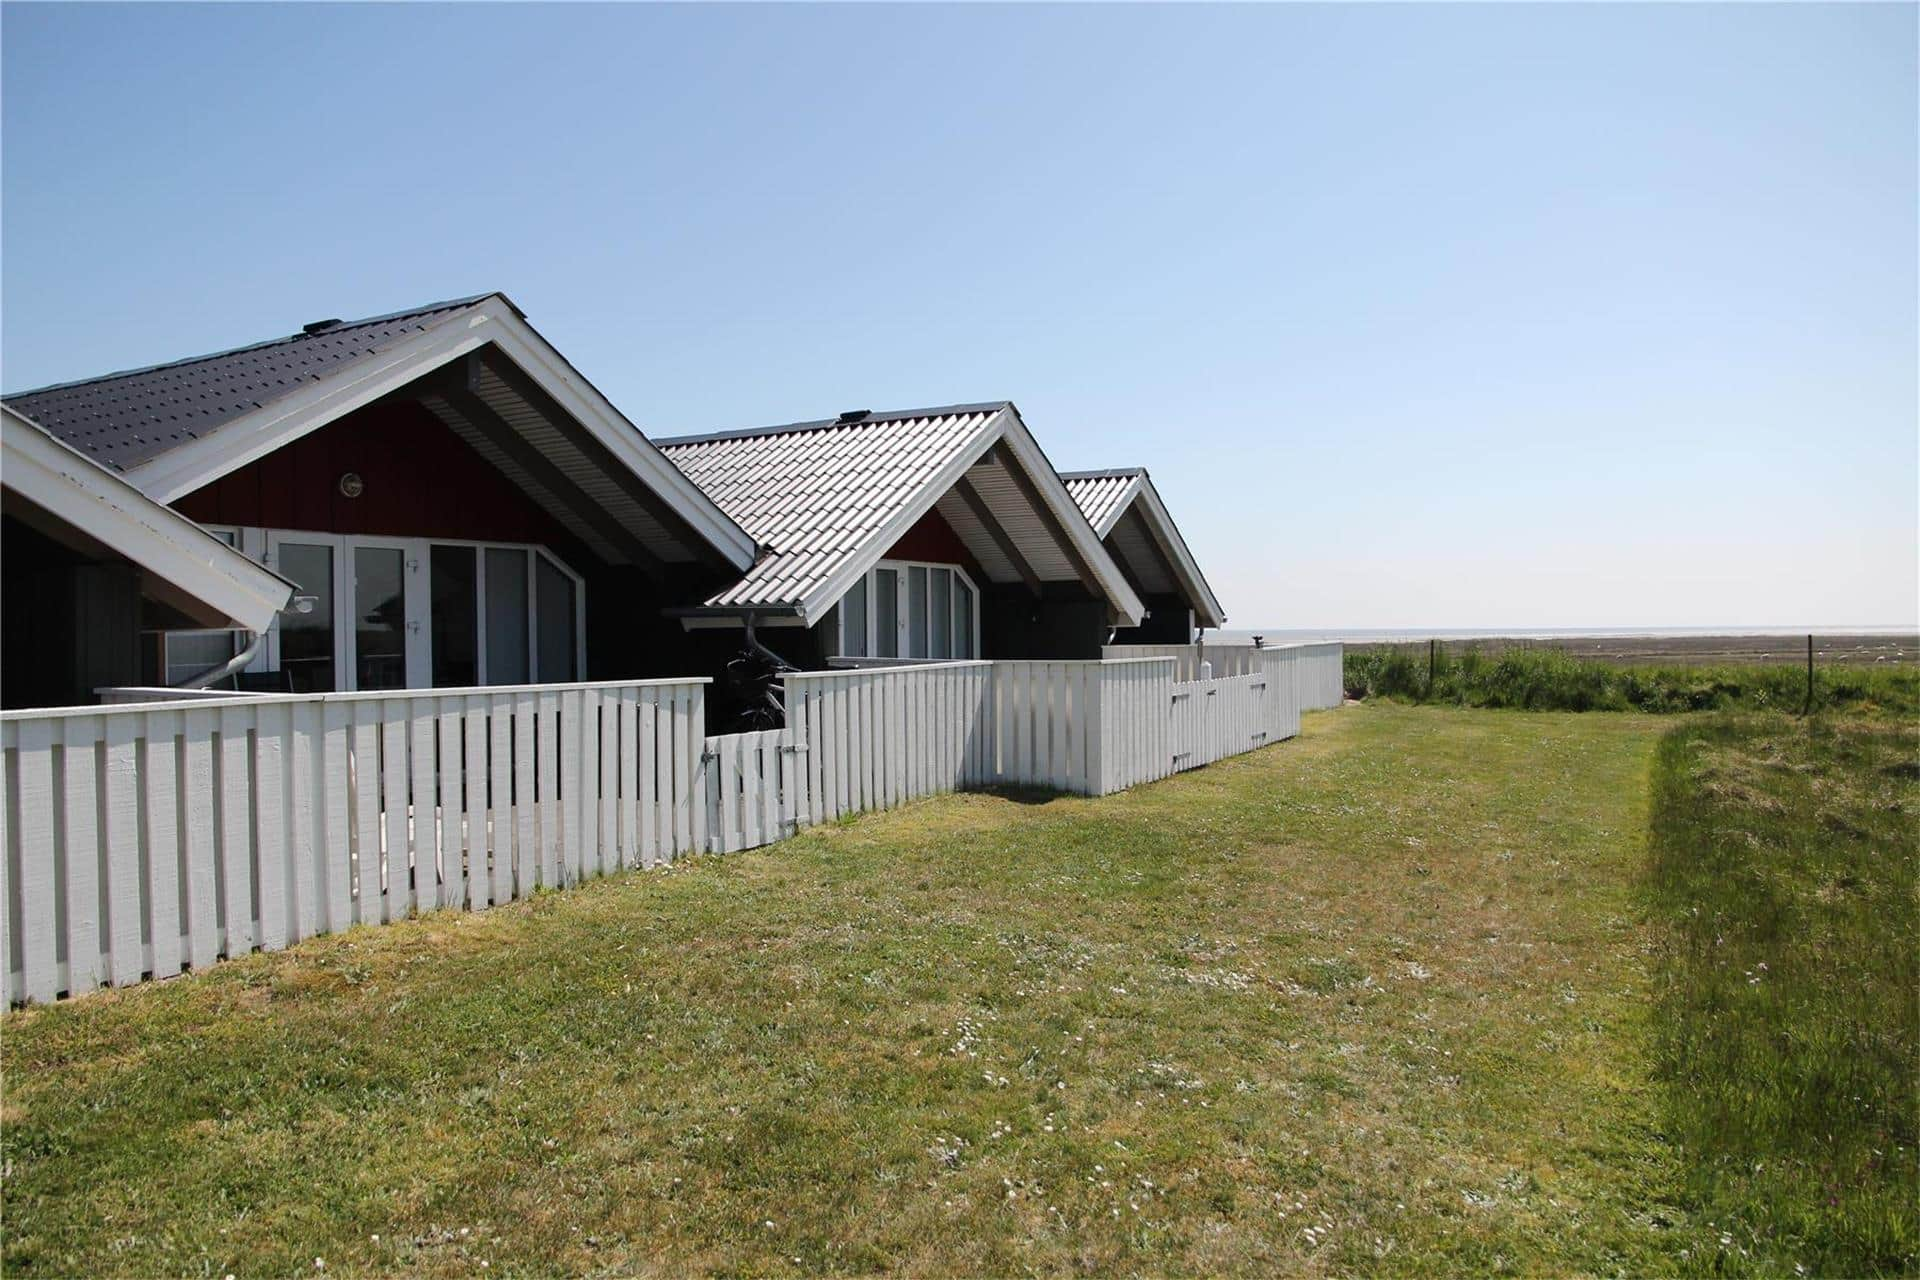 Billede 1-11 Sommerhus 0386, Vestergade 3, DK - 6792 Rømø